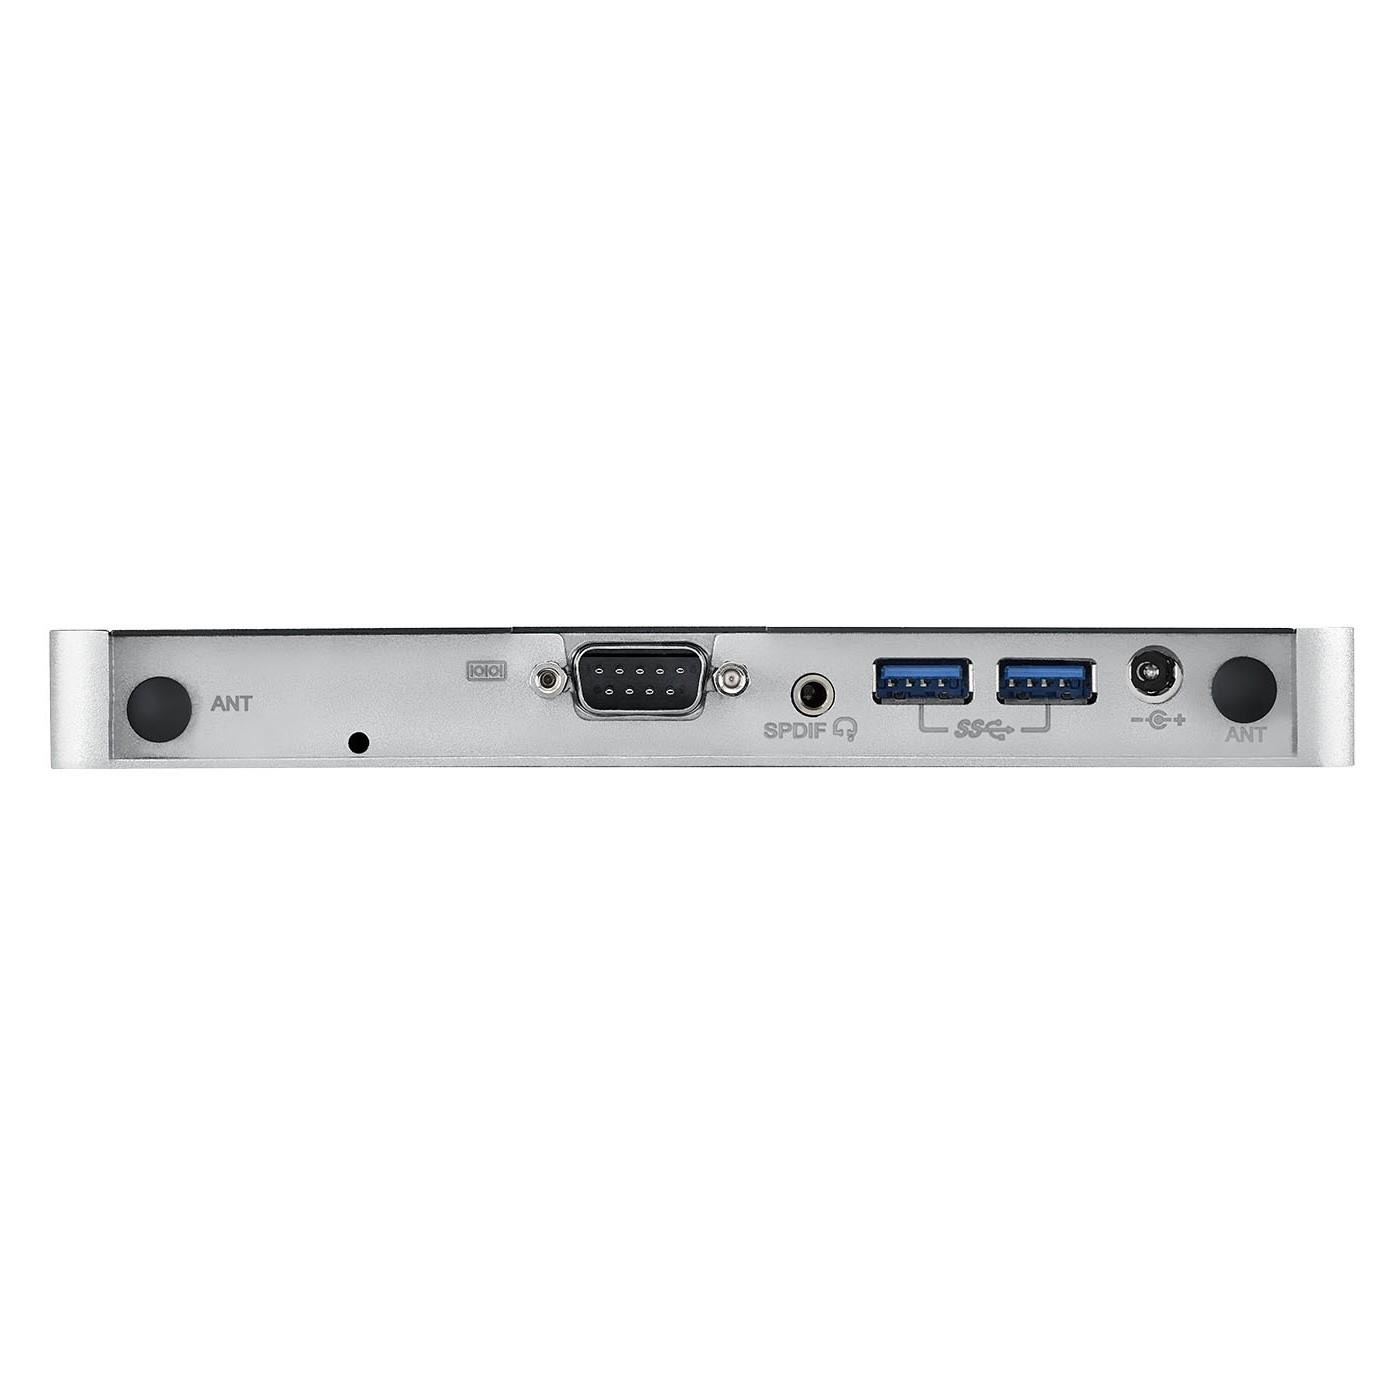 DS-081GB-U2A1E